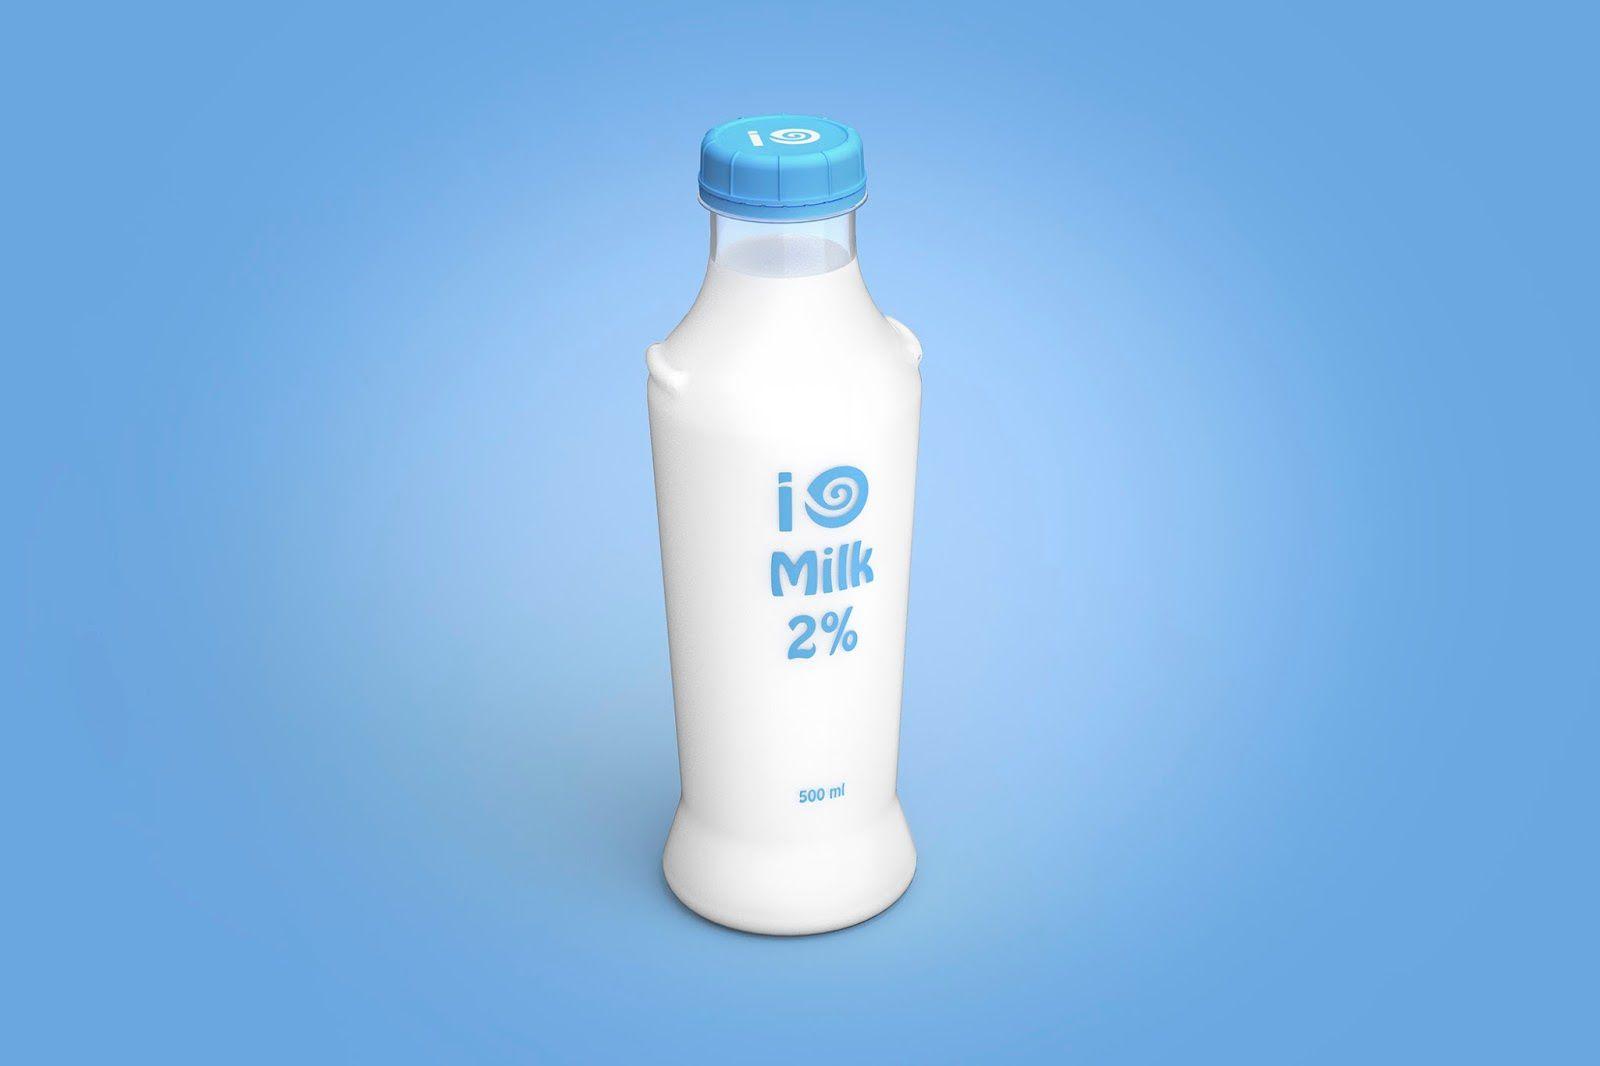 Io (lait) | Design (concept) : Stefan Burlacu, Moldavie (juillet 2016)